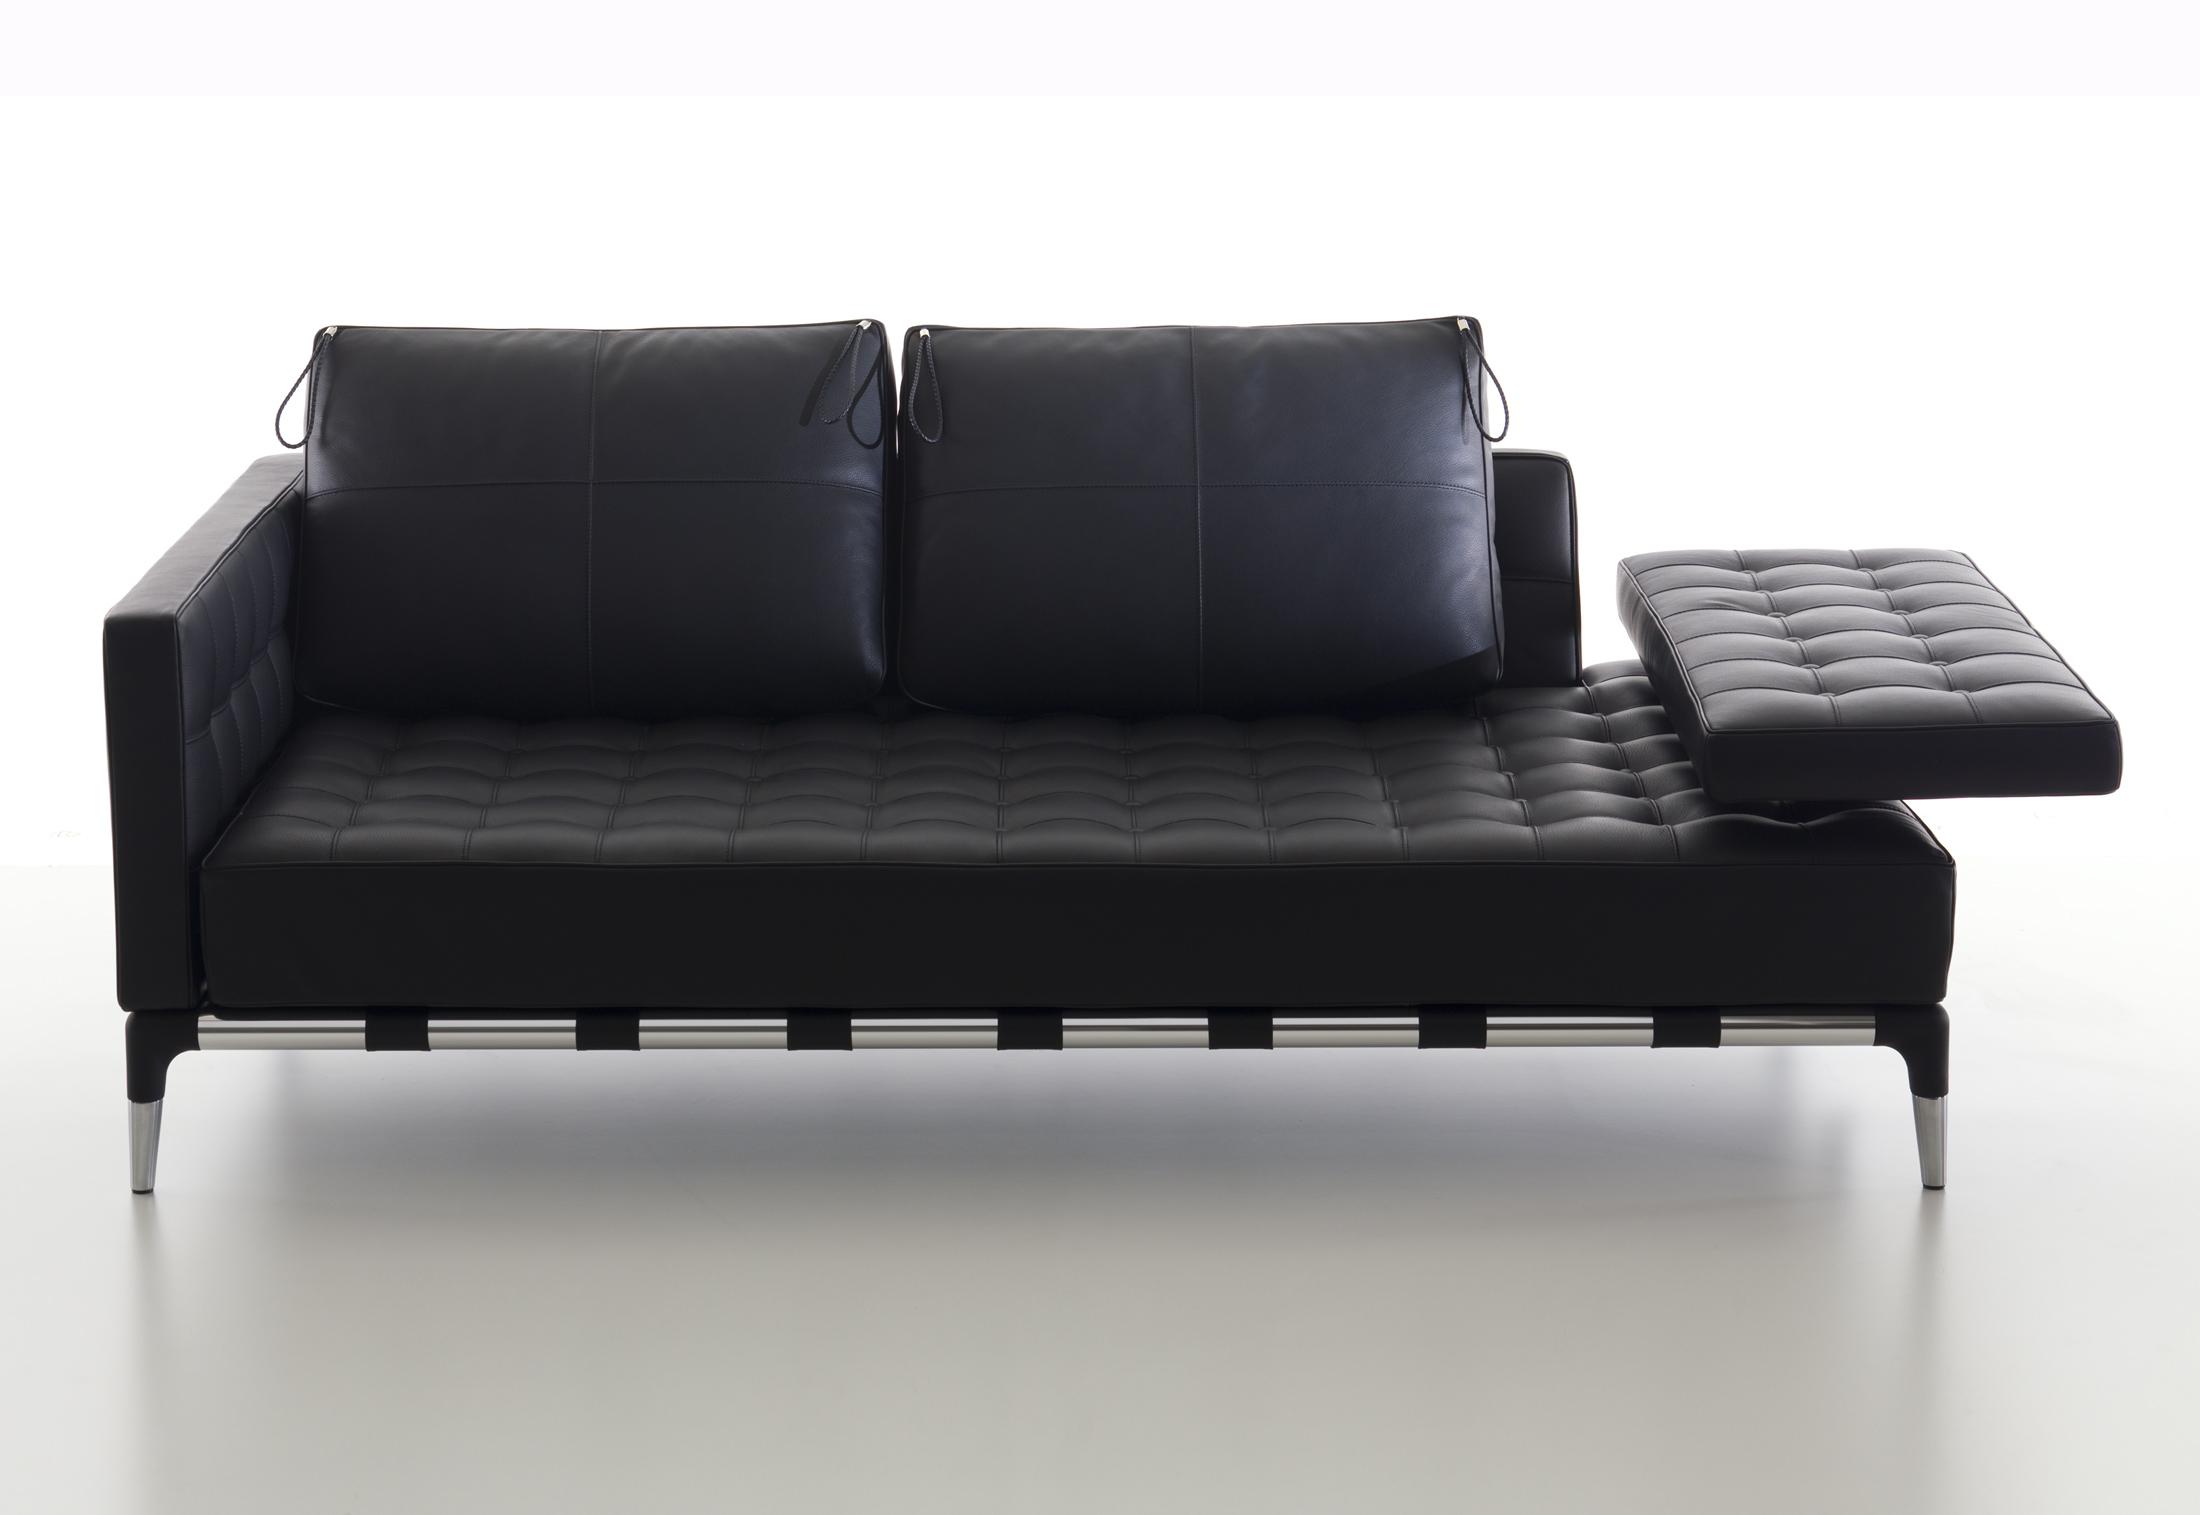 Priv sofa di cassina divani e poltrone arredamento for Divani quale marca scegliere